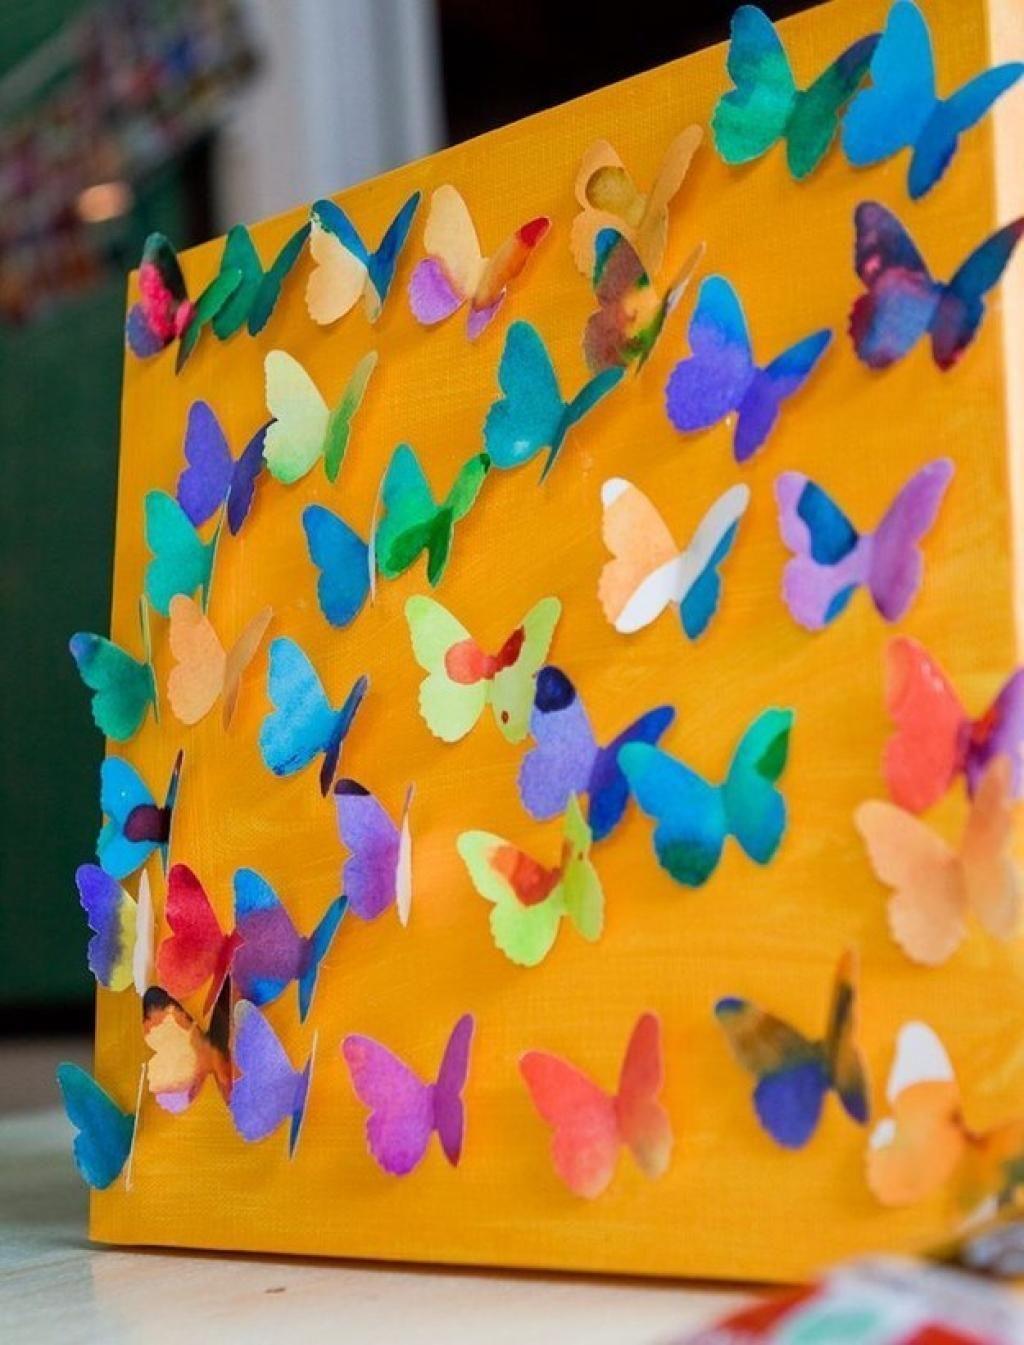 7 activit s extraordinaires faire avec les enfants peinture et bricolage extraordinaire - Activite manuelle facile faire ...